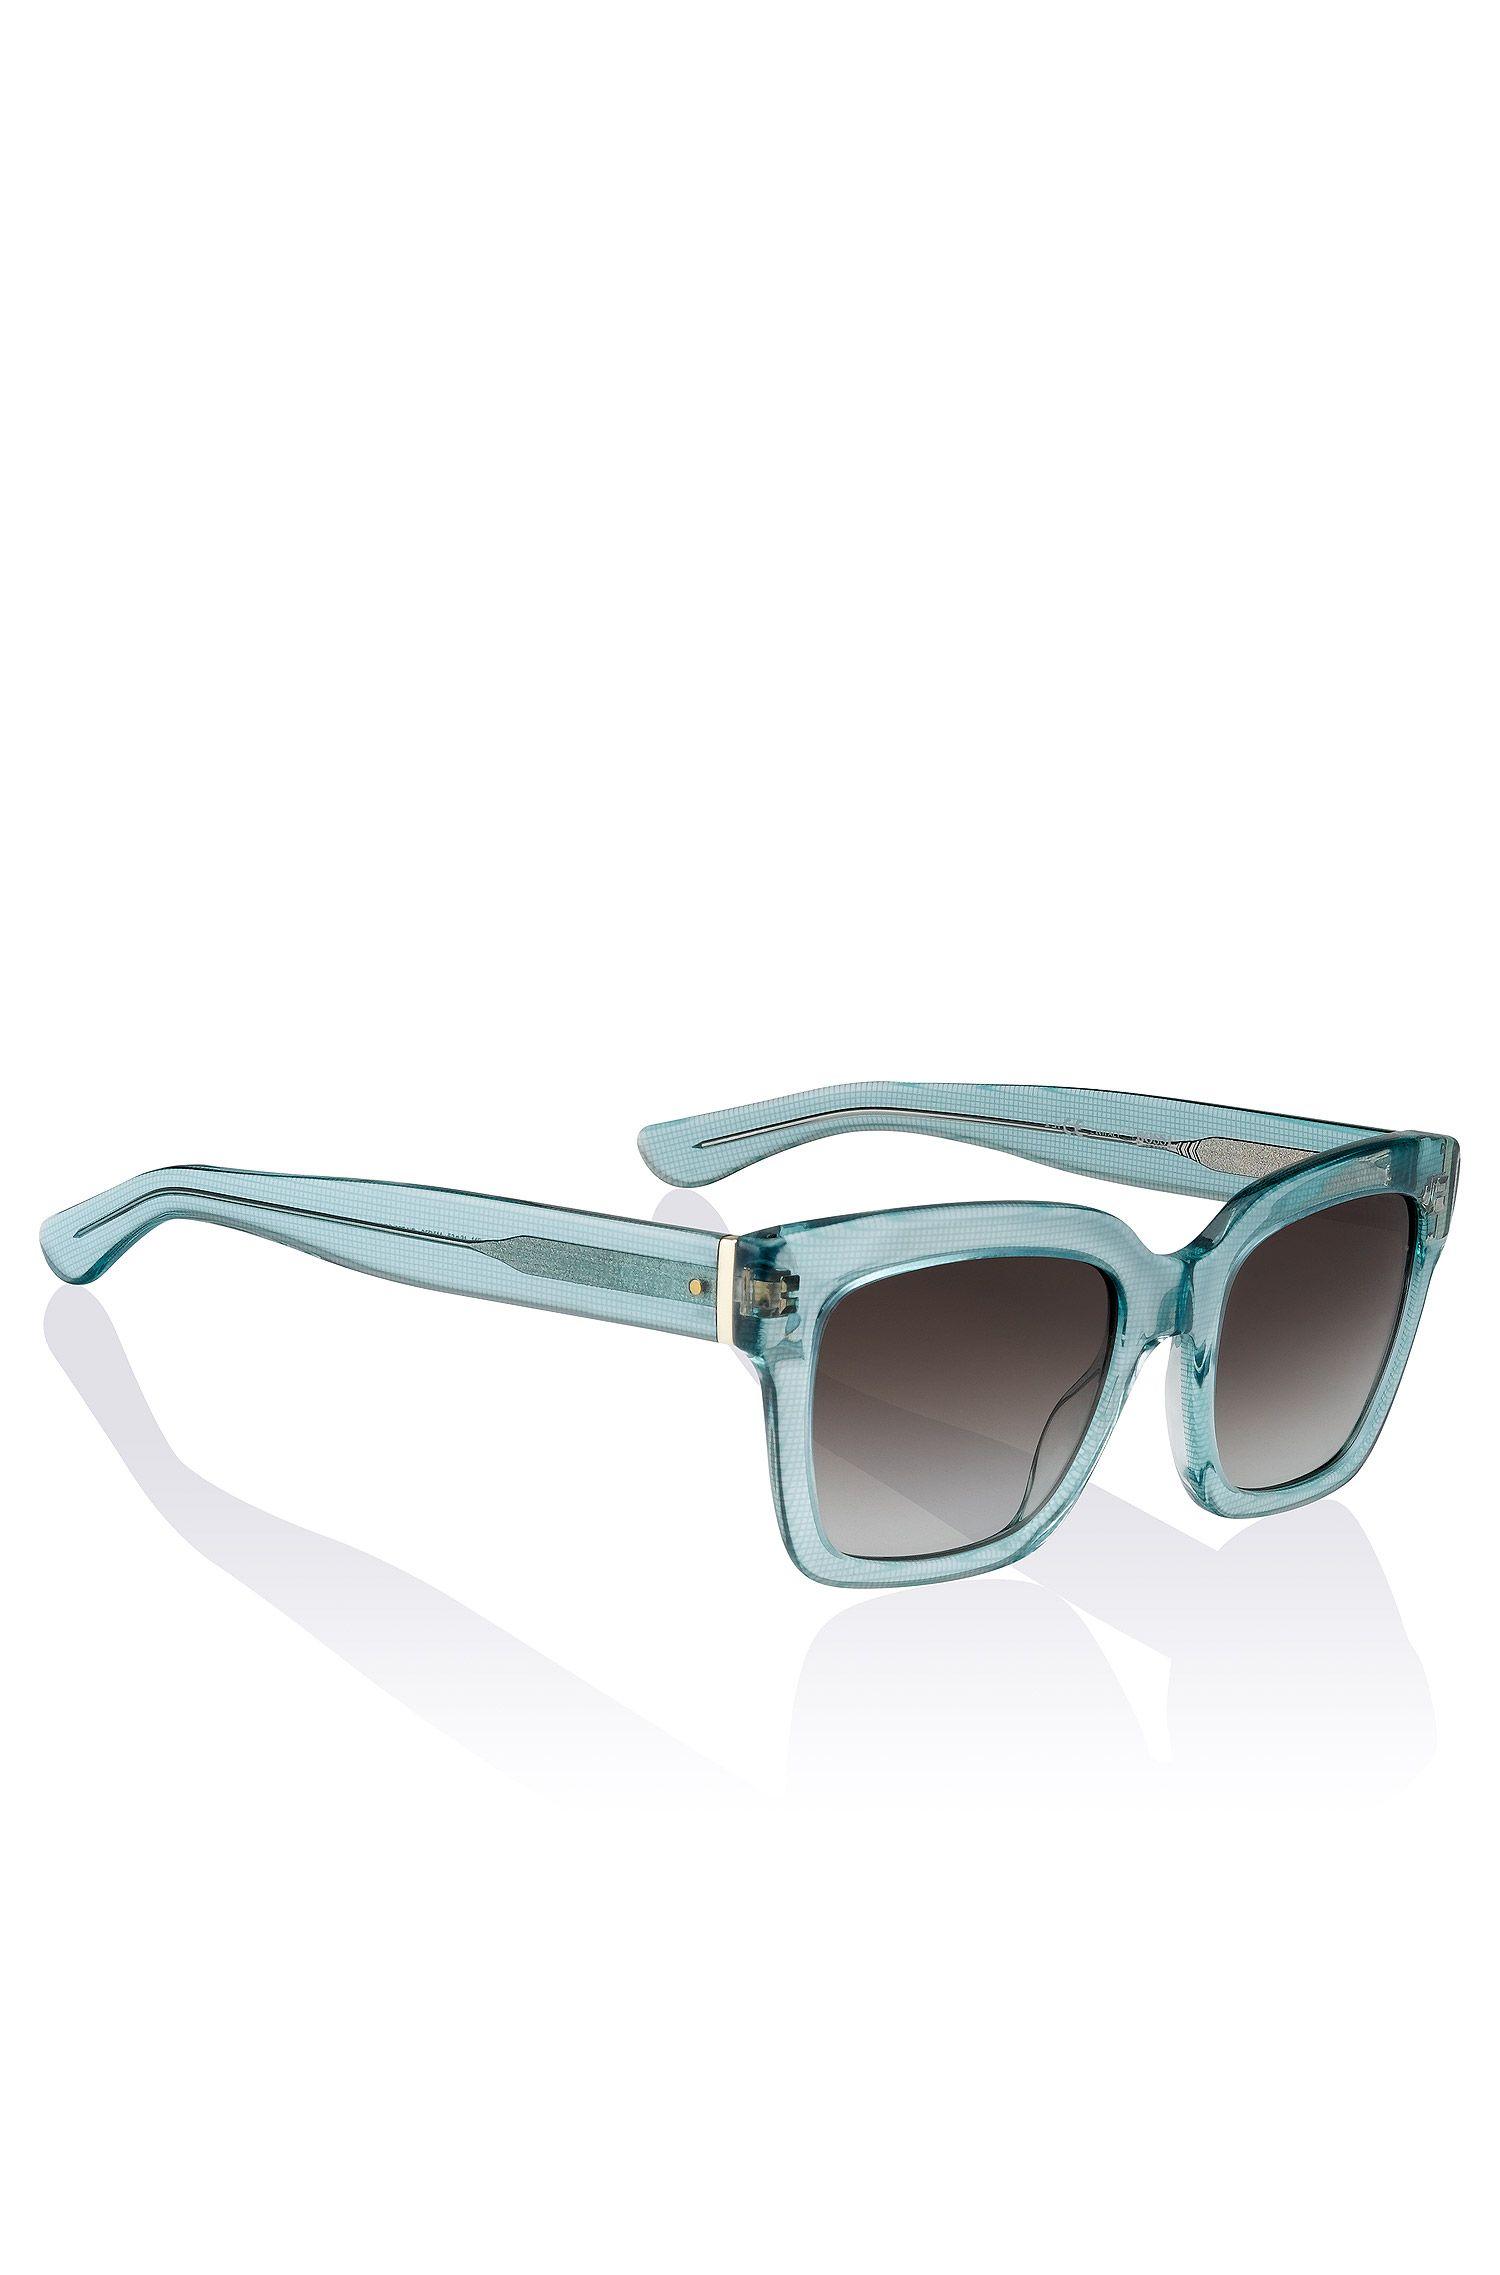 Gafas de sol Wayfarer 'BOSS 0674' en acetato y metal